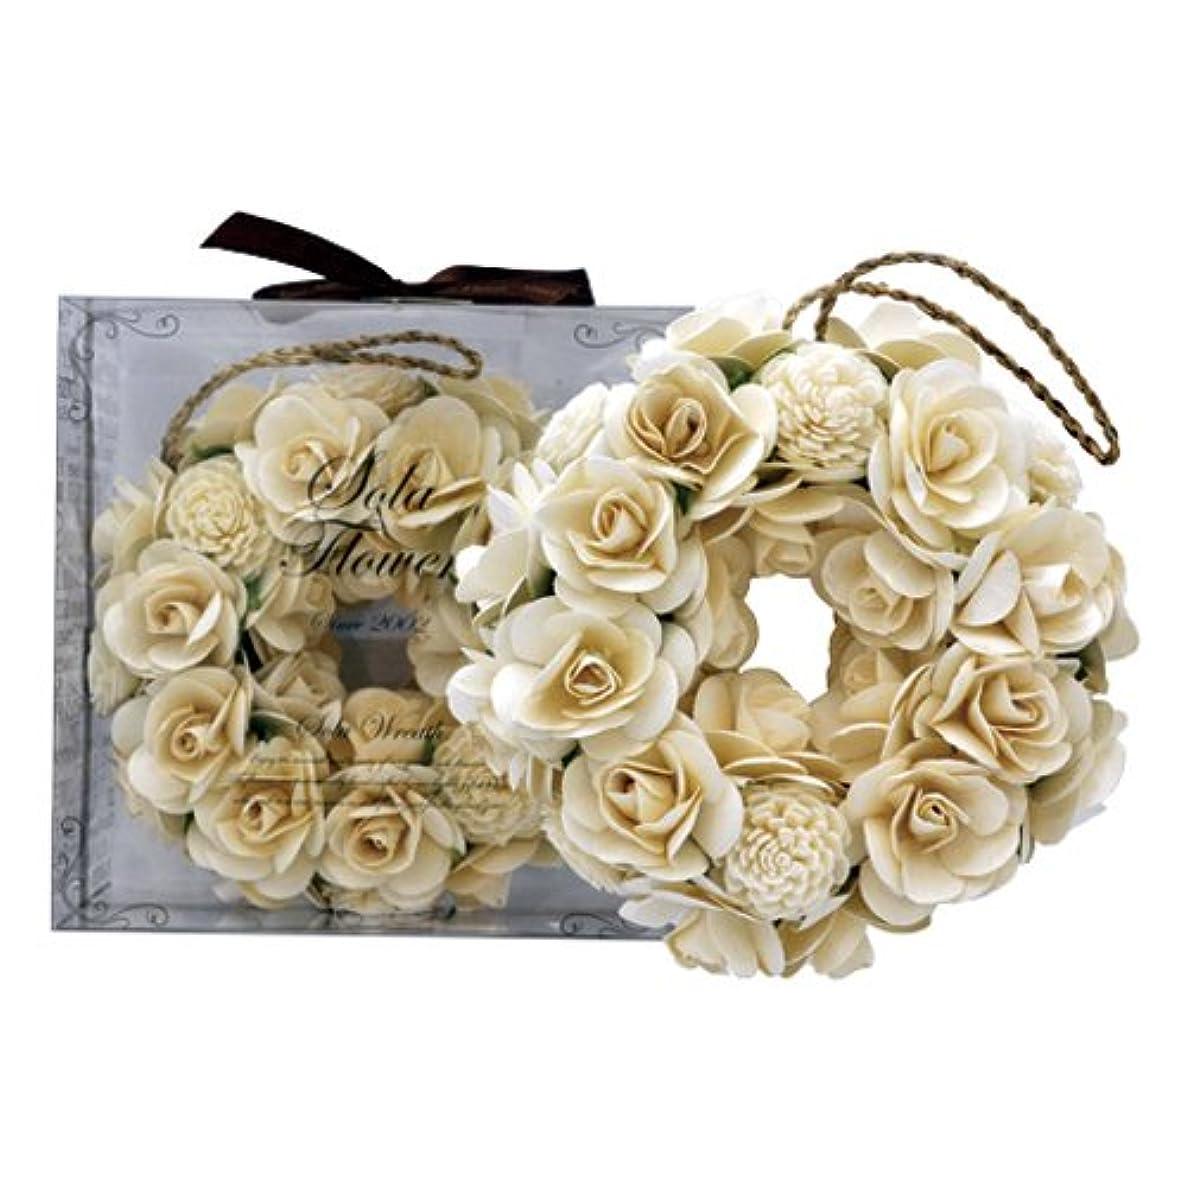 スプレー卑しい荷物new Sola Flower ソラフラワー リース Sweet Dahlia スウィートダリア Wreath